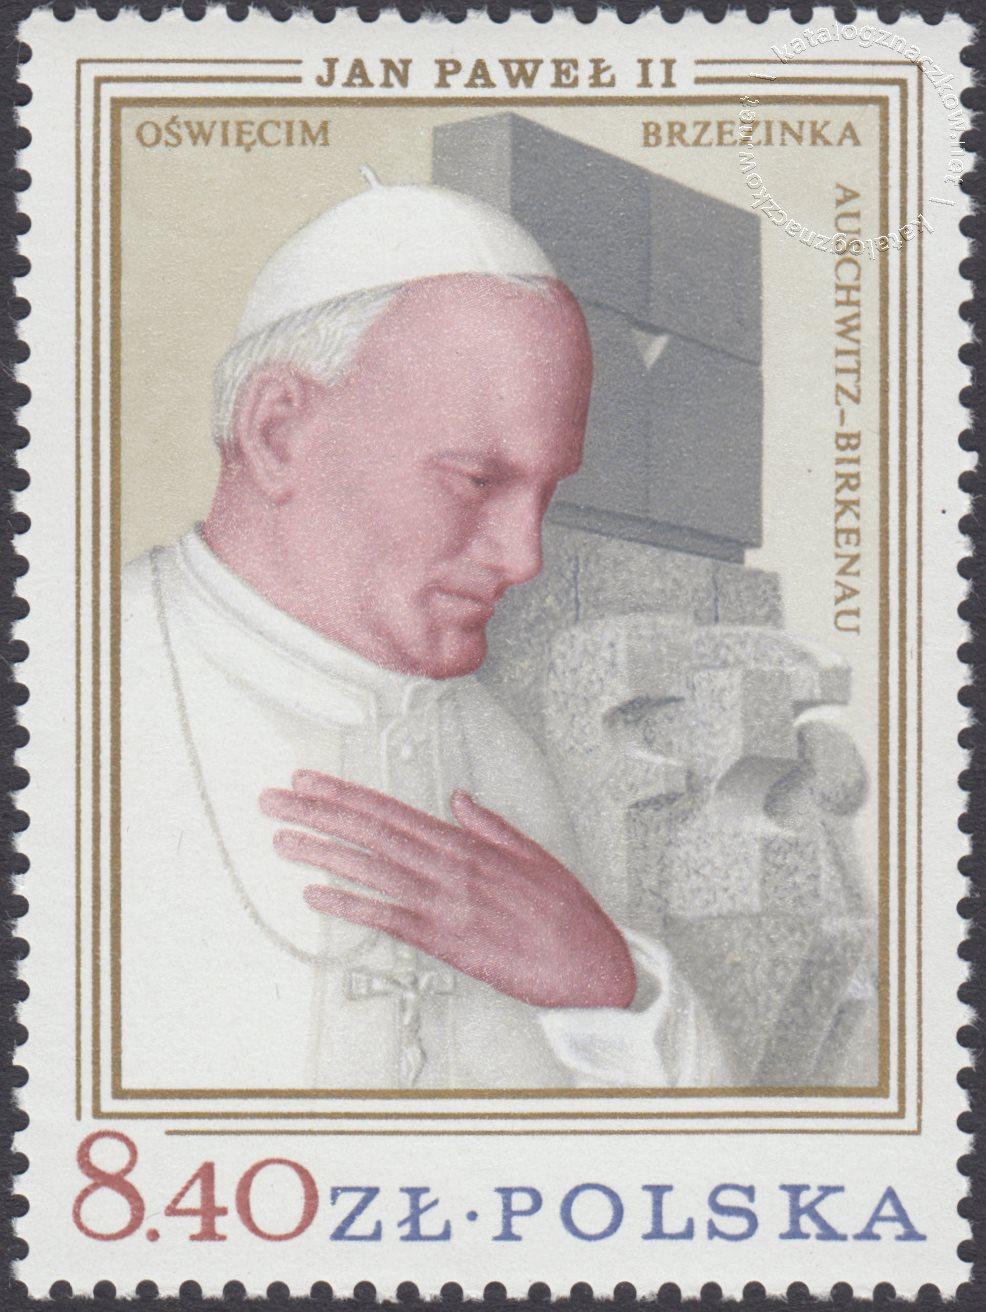 Wizyta papieża Jana Pawła II w Polsce znaczek nr 2483